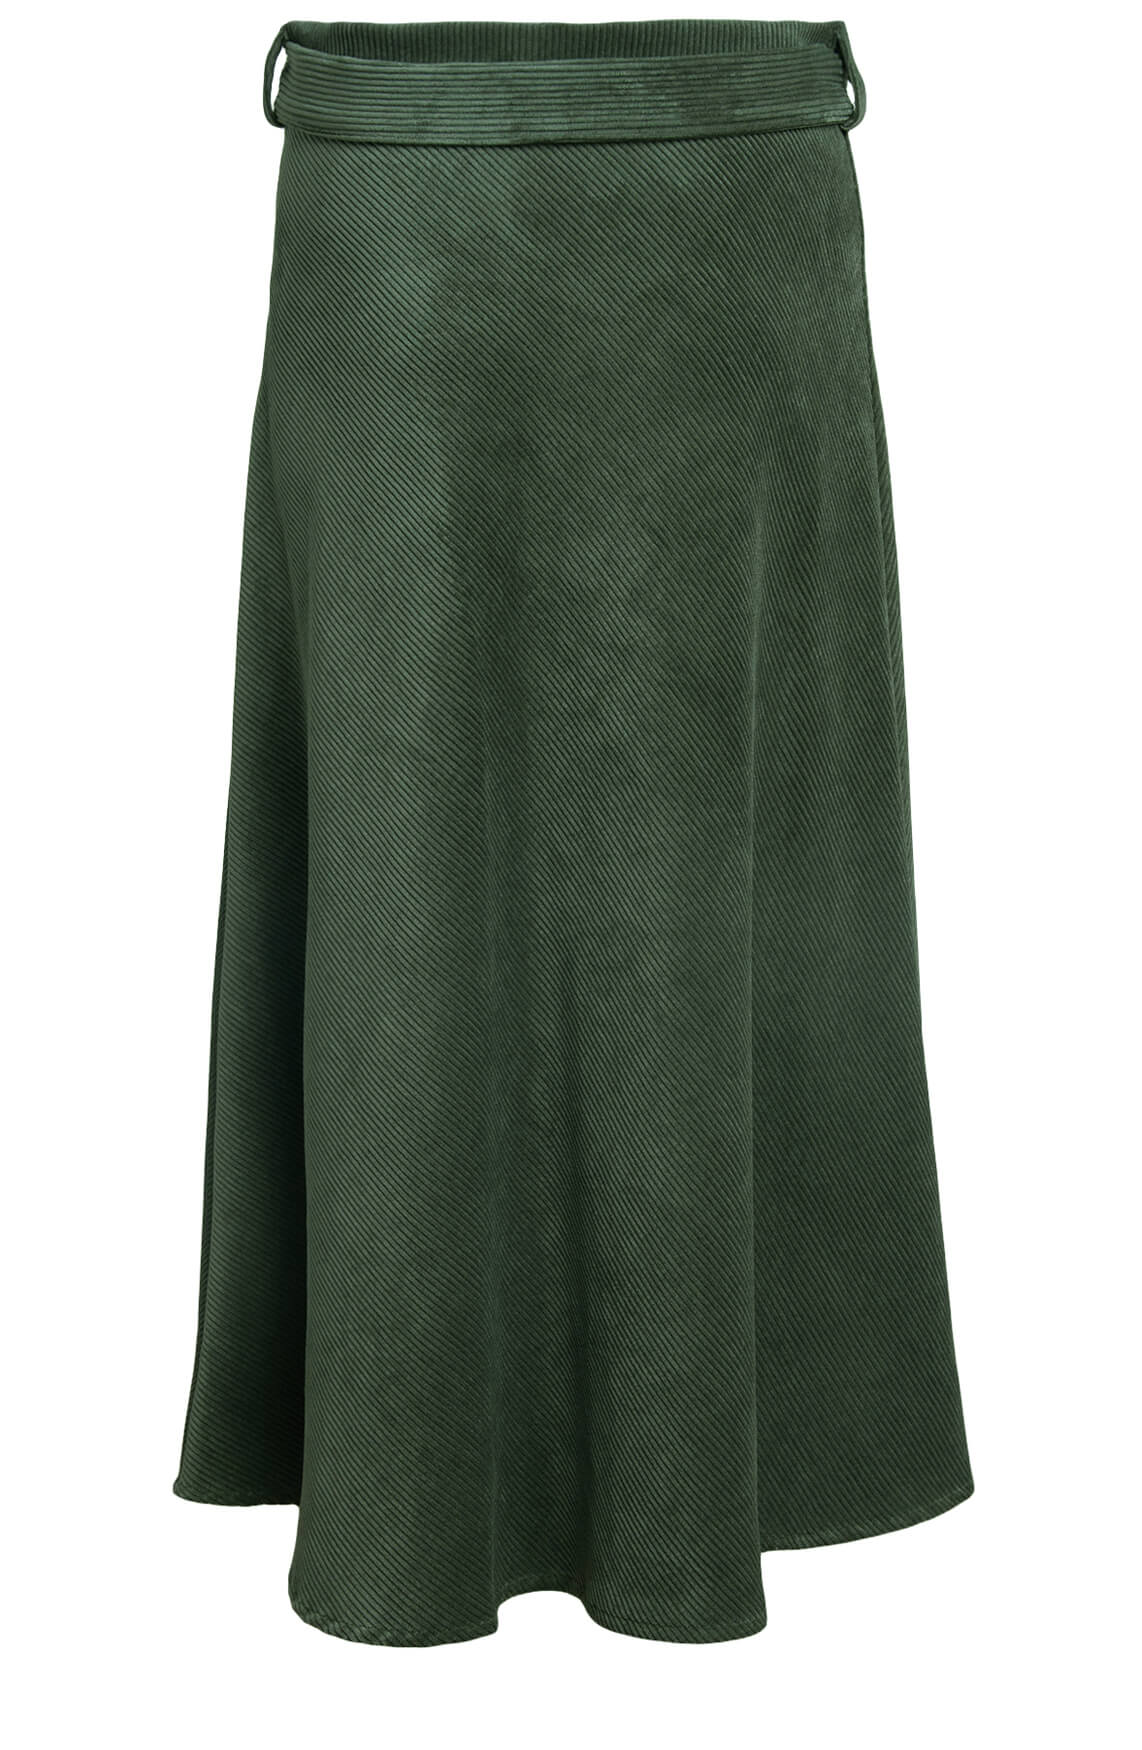 La Fée Maraboutée Dames Rib rok groen